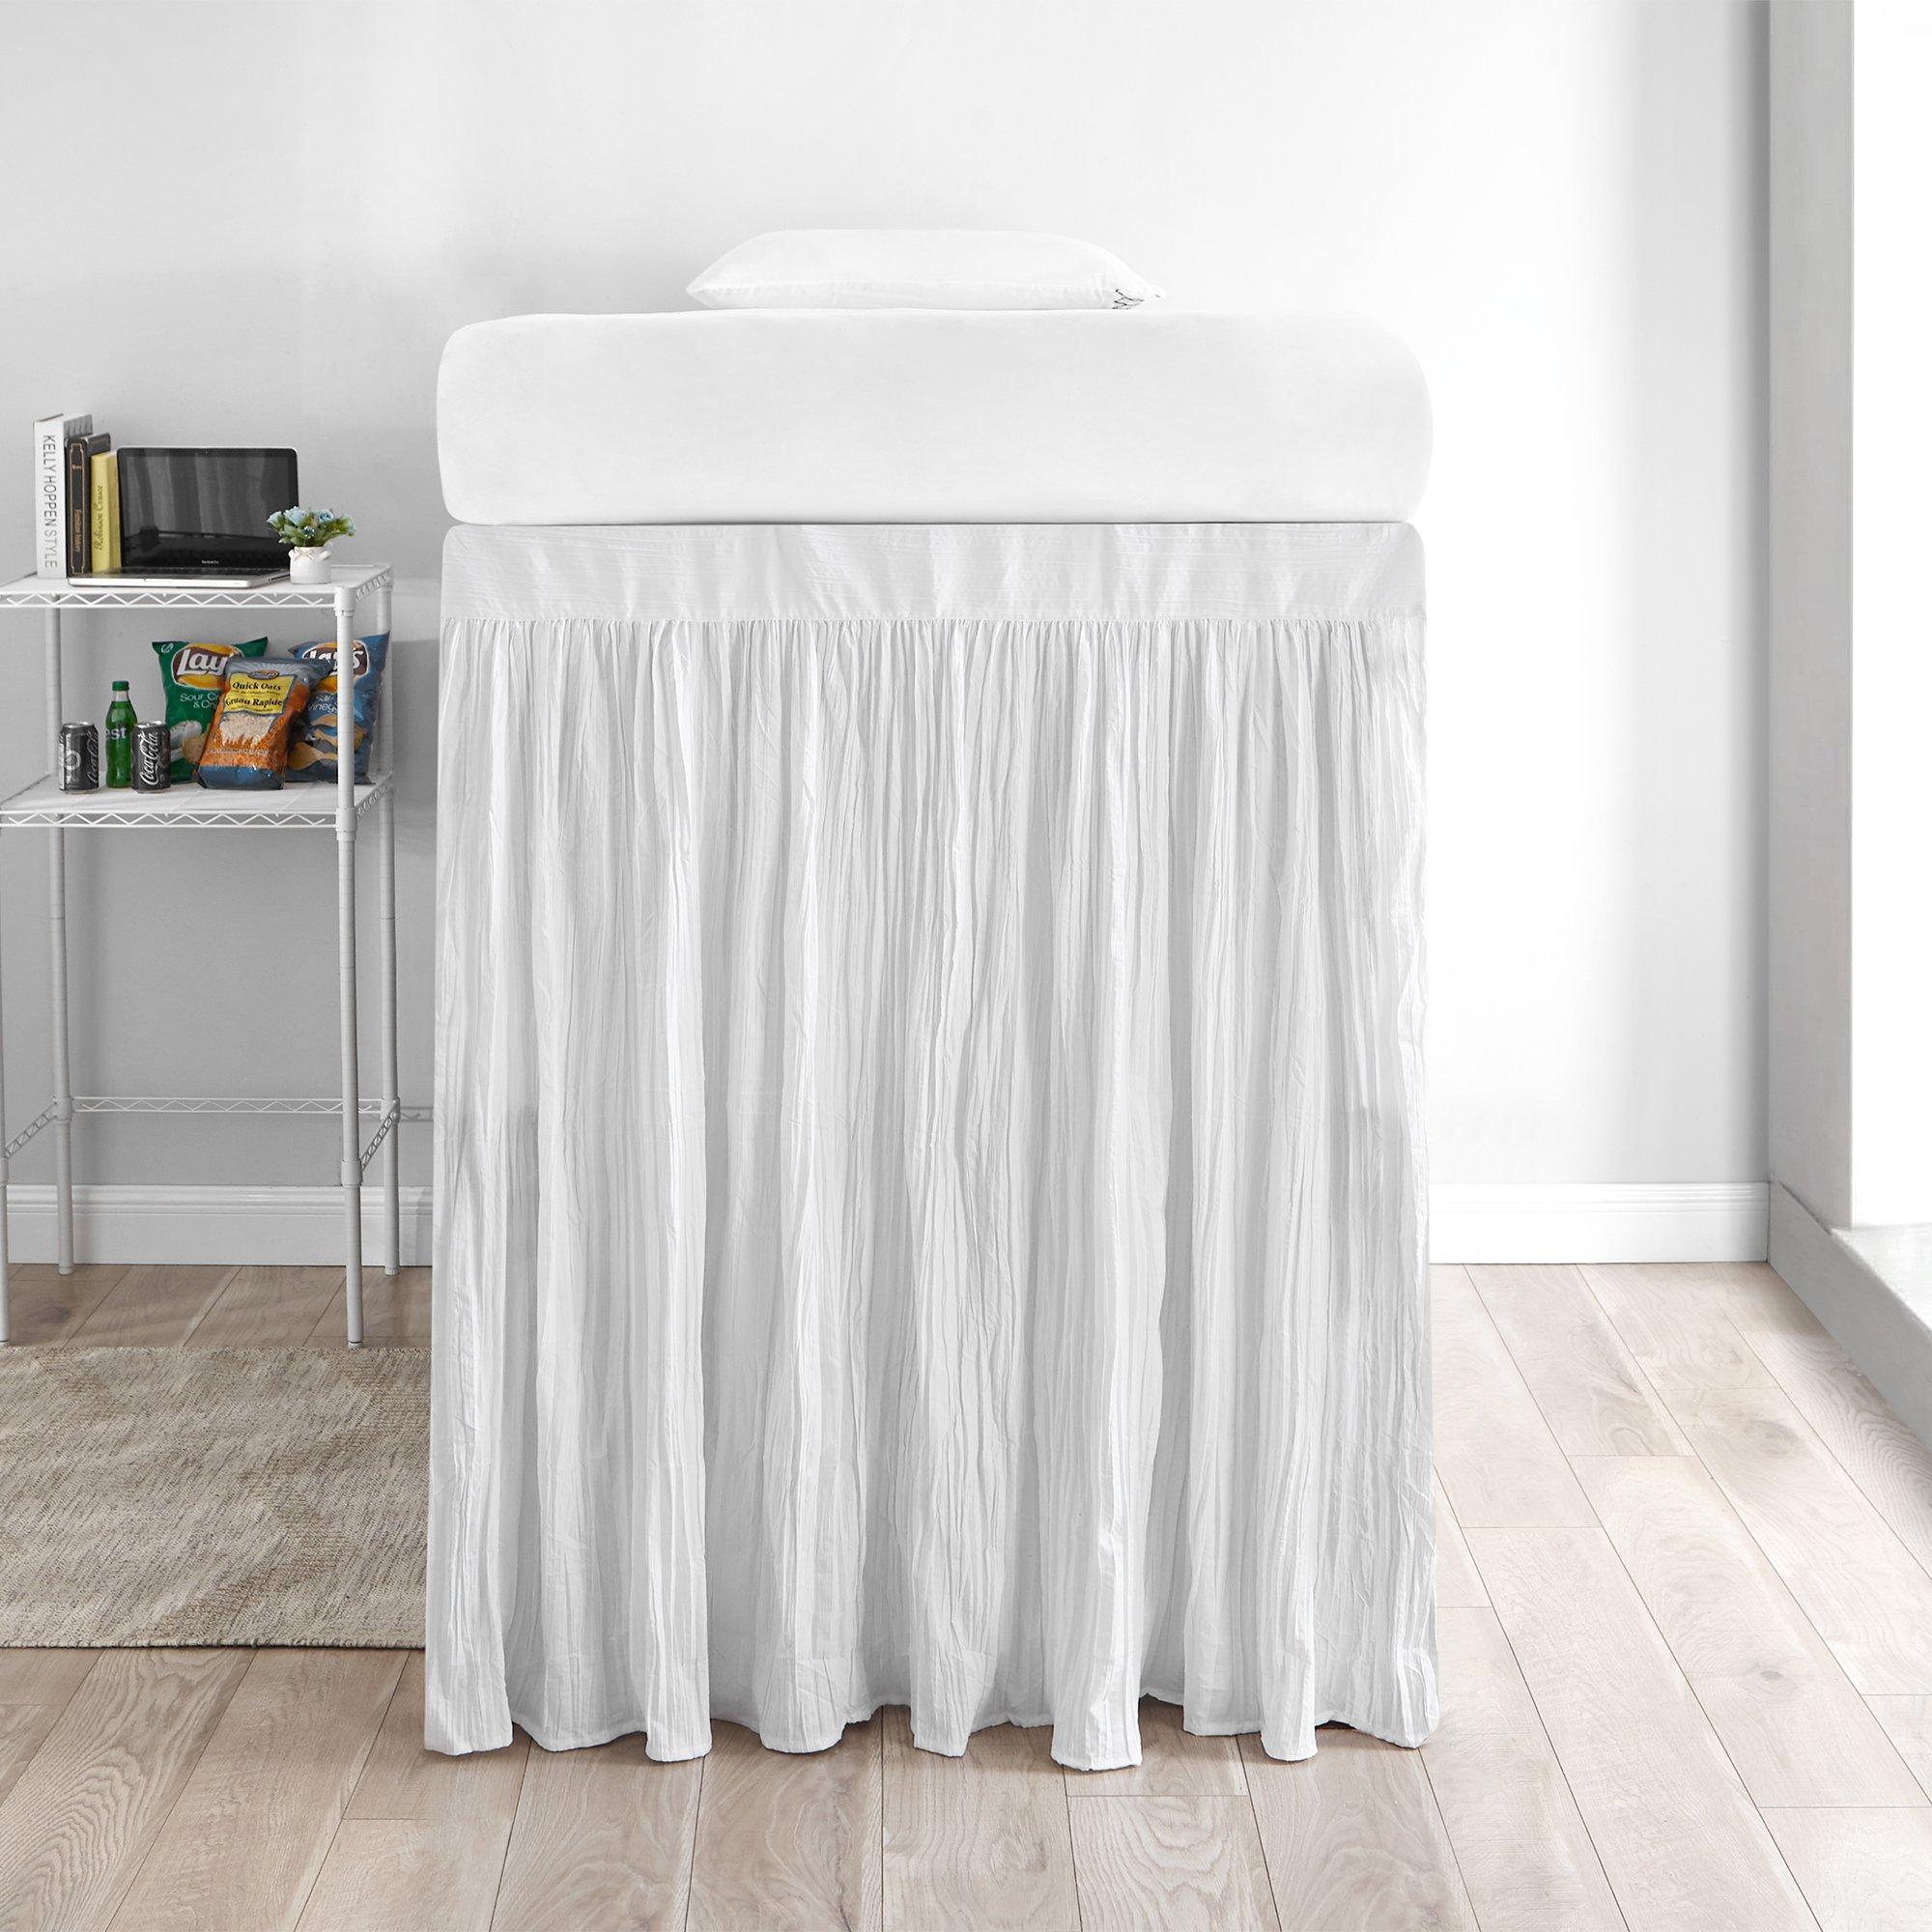 DormCo Crinkle Extended Bed Skirt Twin XL (3 Panel Set) - White